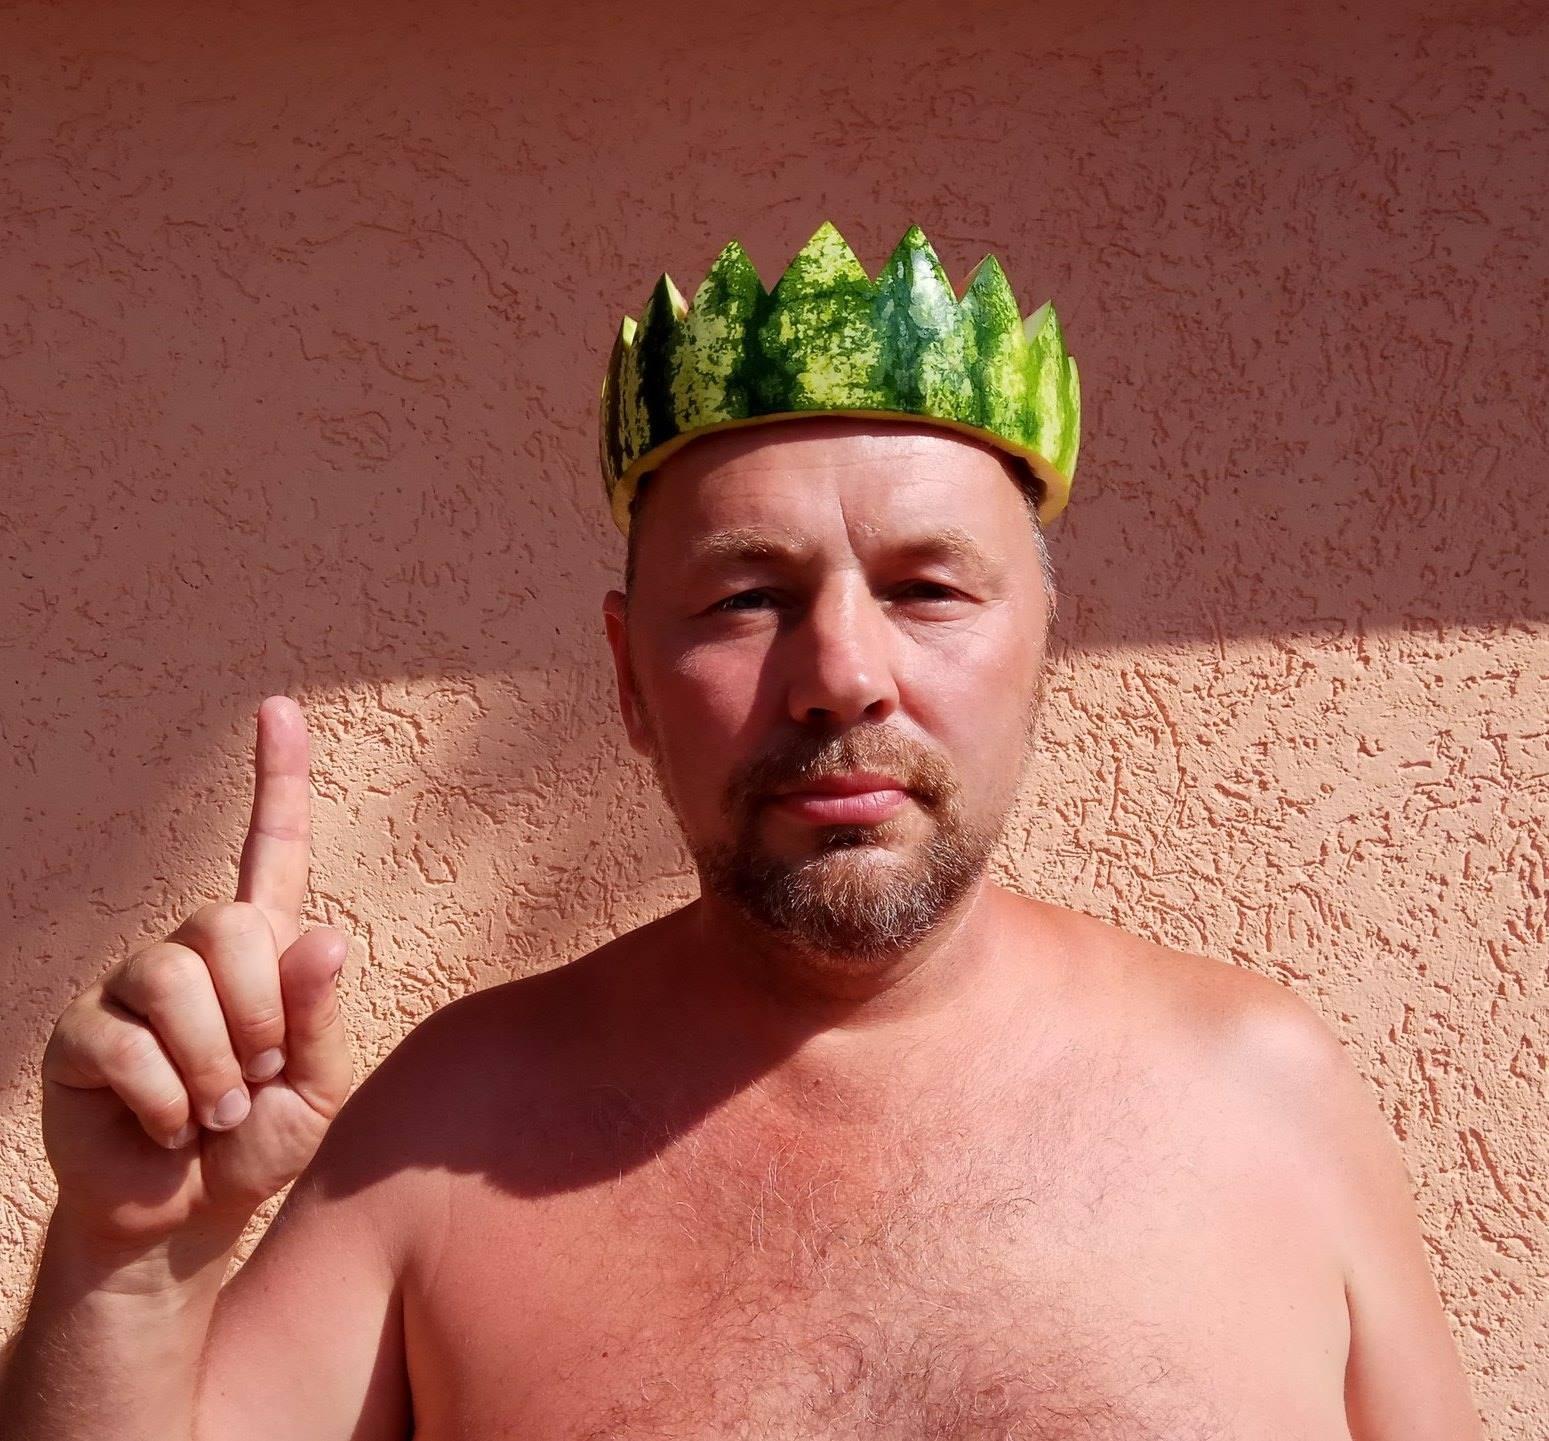 Санников Алексей рекомендует органический уксус из плодов кактуса опунции Король уксуса травяной чай полезен Крым-трава